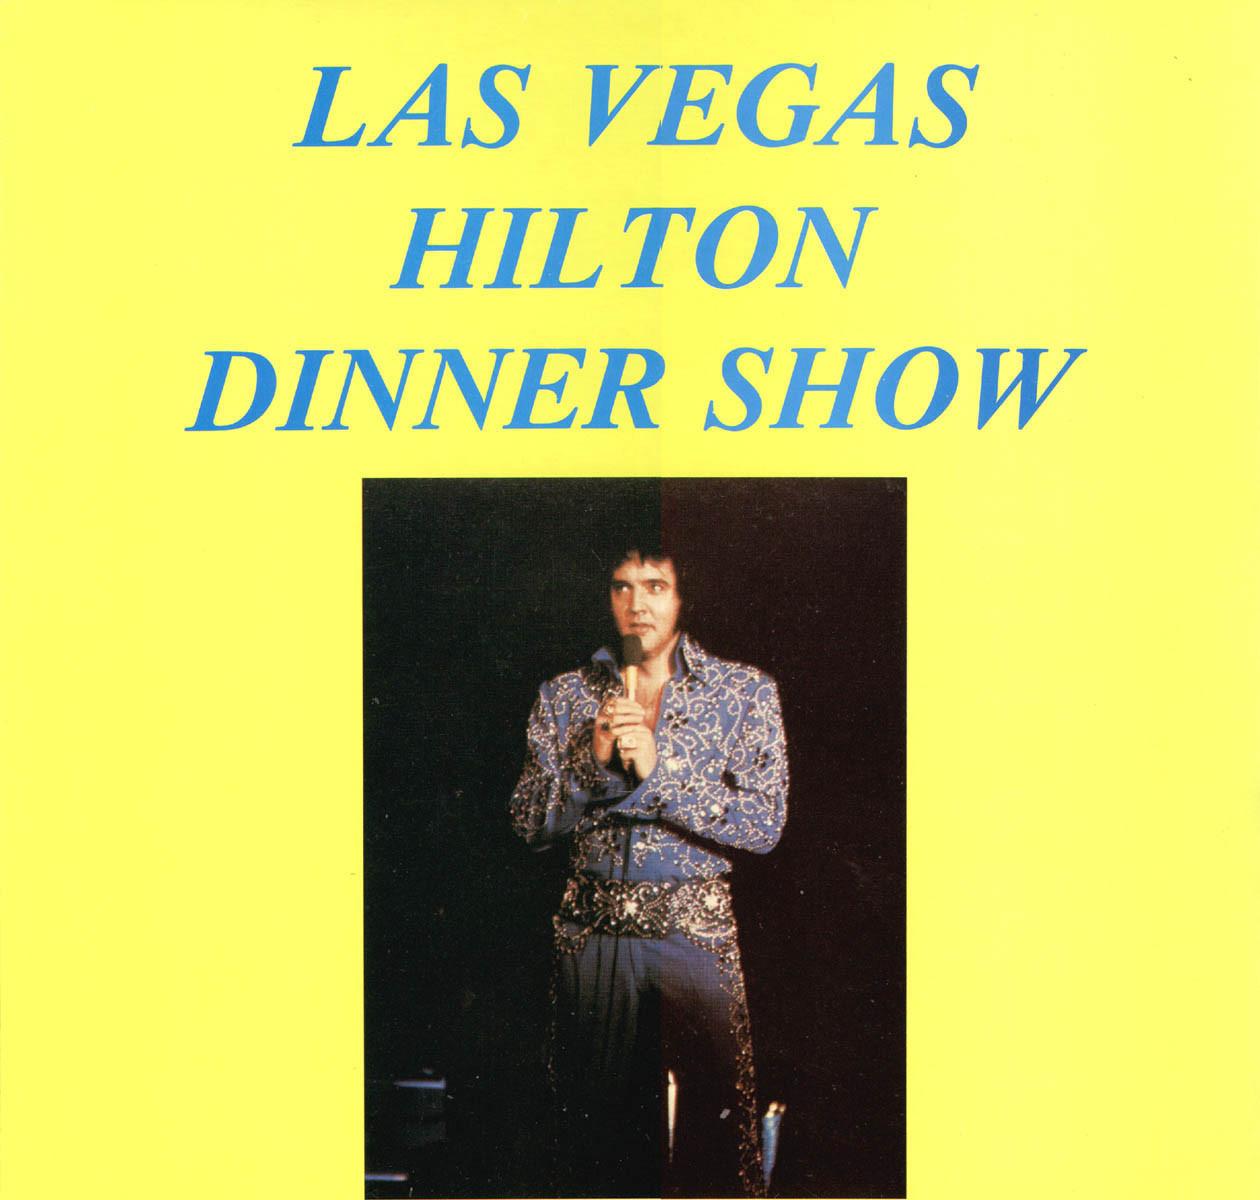 Las Vegas Dinner Shows  Bootlegging Elvis LAS VEGAS HILTON DINNER SHOW FEBRUARY 7